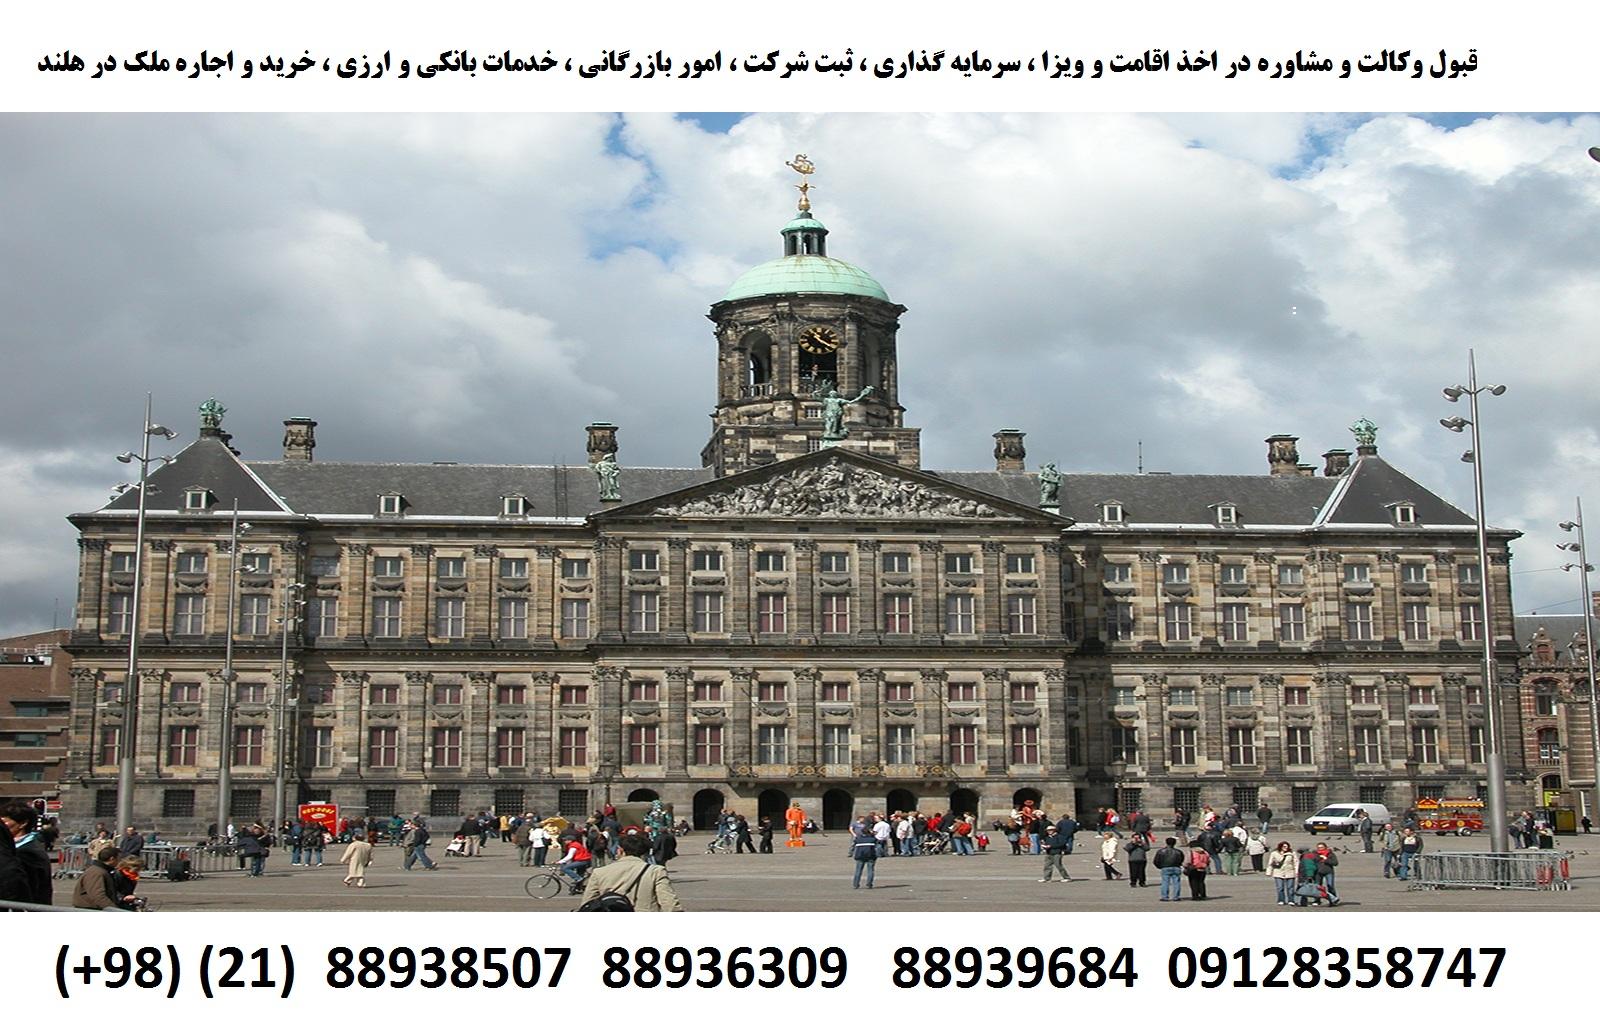 اقامت ، ویزا ، ثبت شرکت ، سرمایه گذاری در هلند (4)